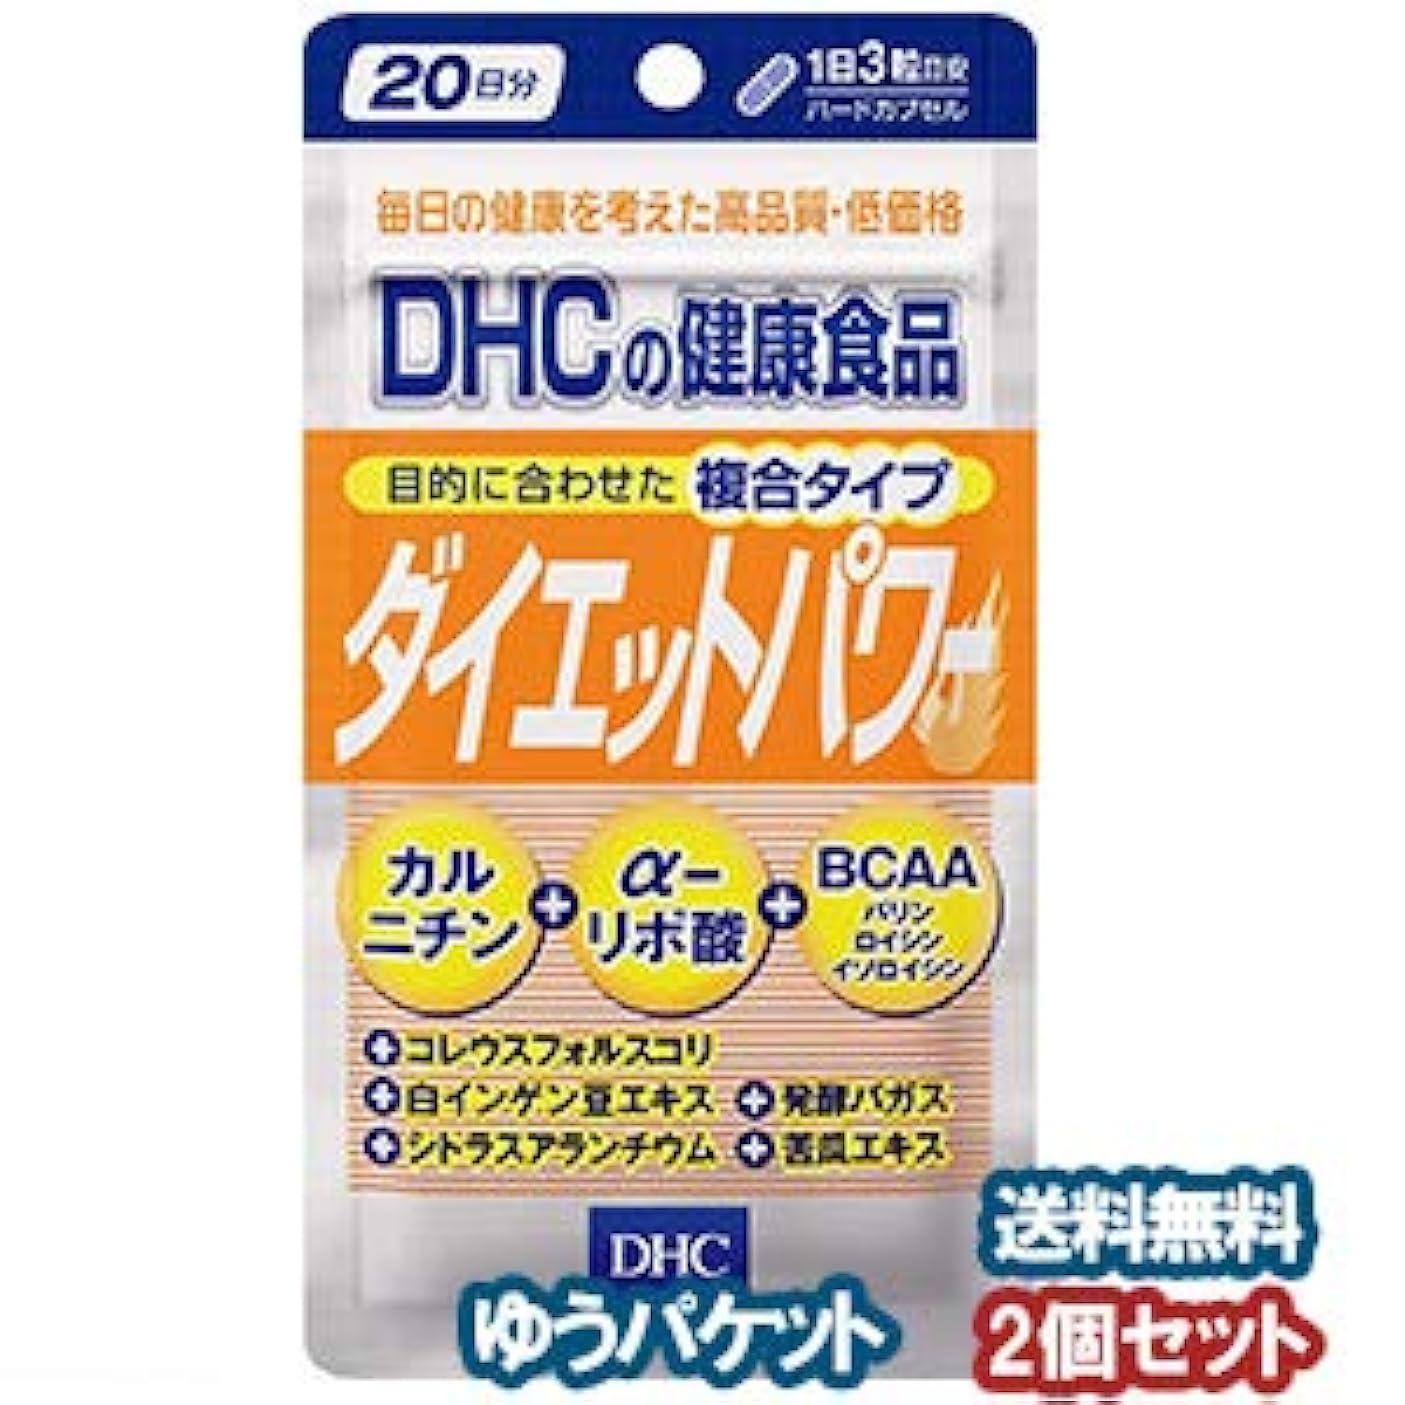 ファイバ降ろすおびえたDHC 20日分 ダイエットパワー 60粒×2個セット